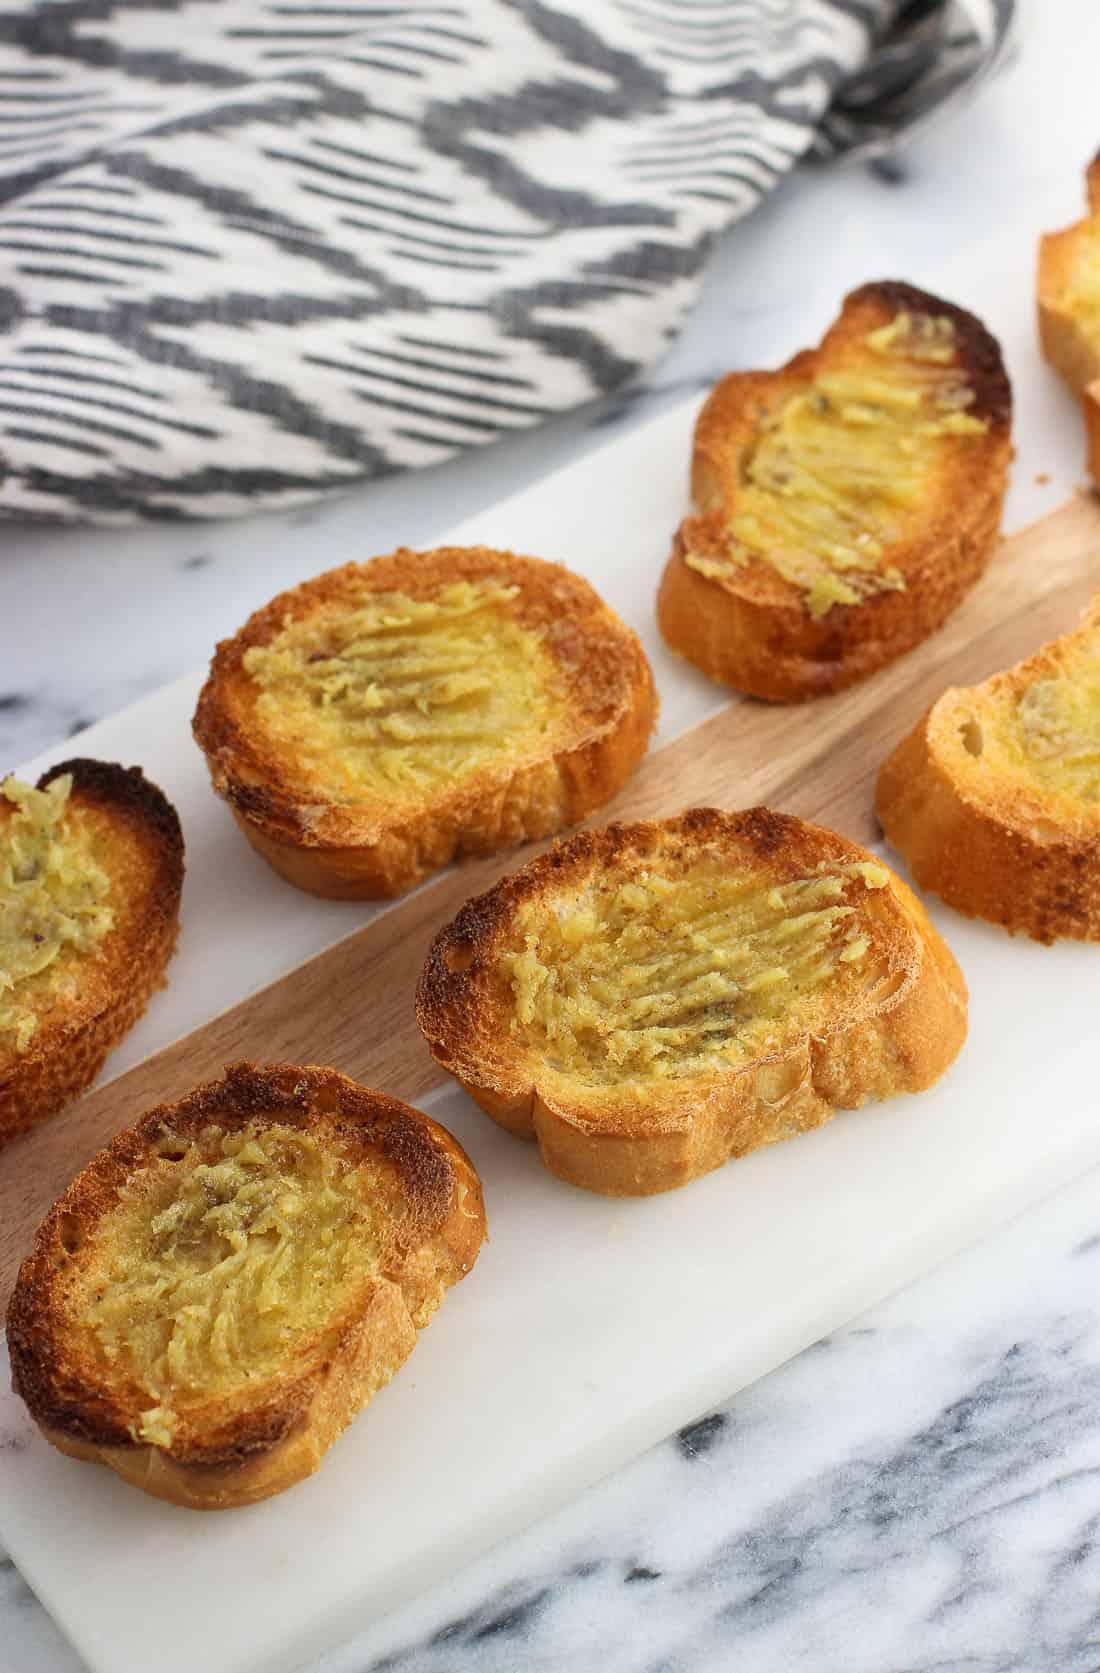 Roasted garlic spread onto toasted crostini.